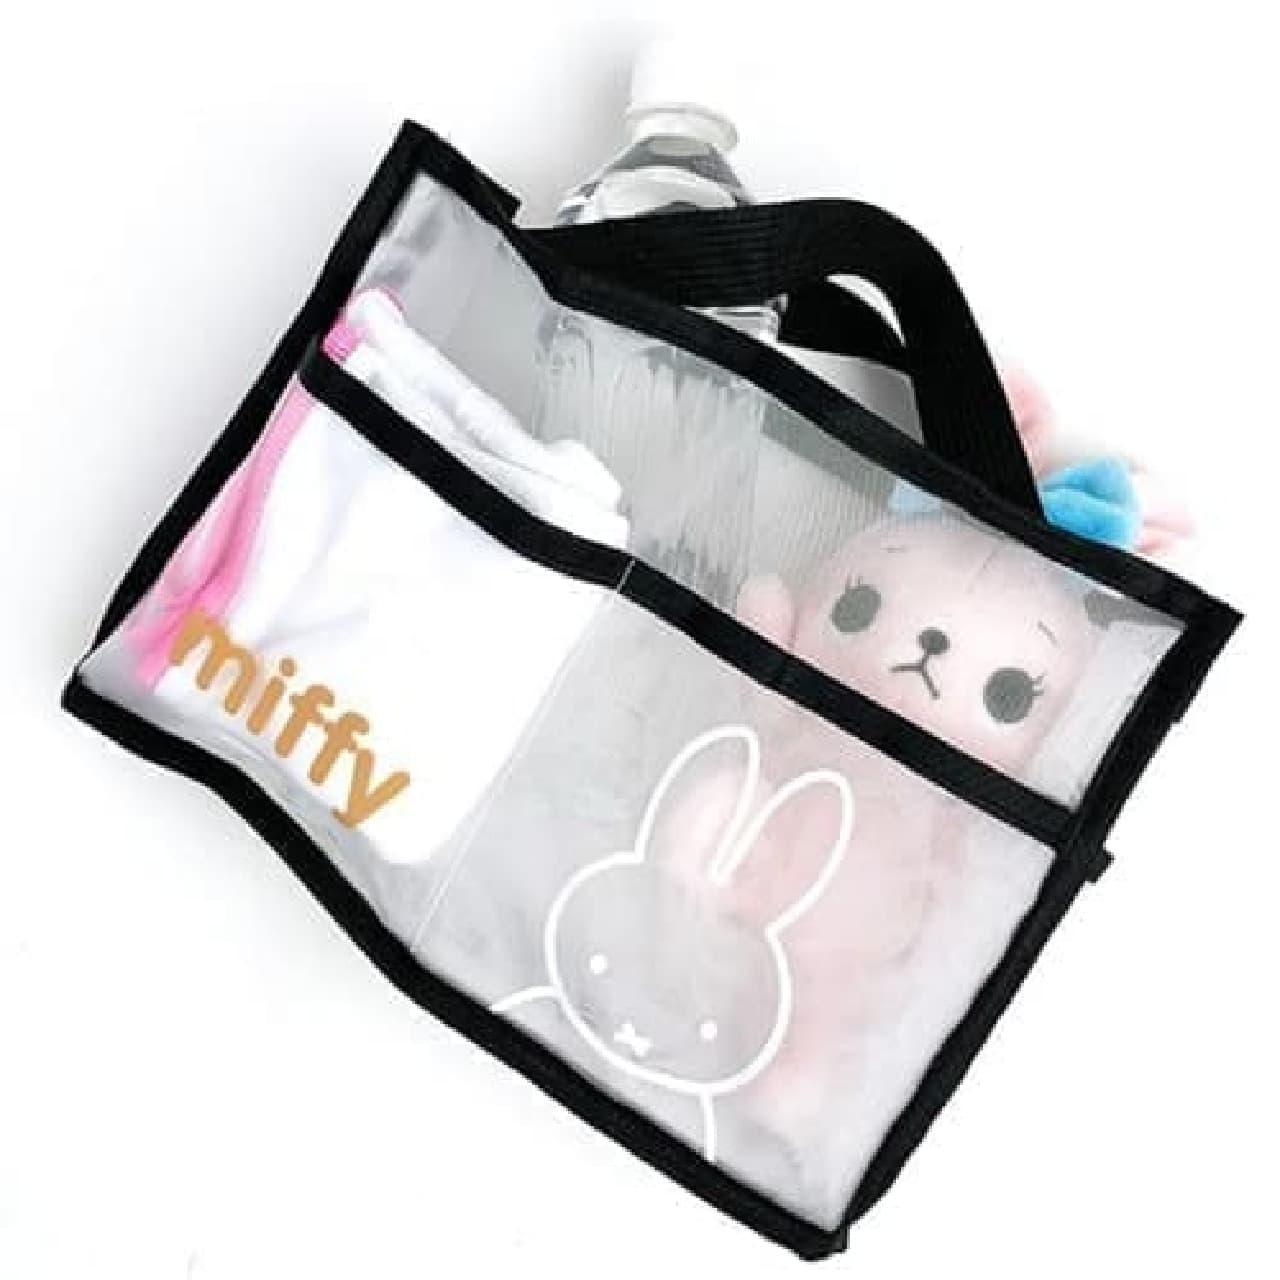 「ミッフィー」をデザインしたメッシュバッグ